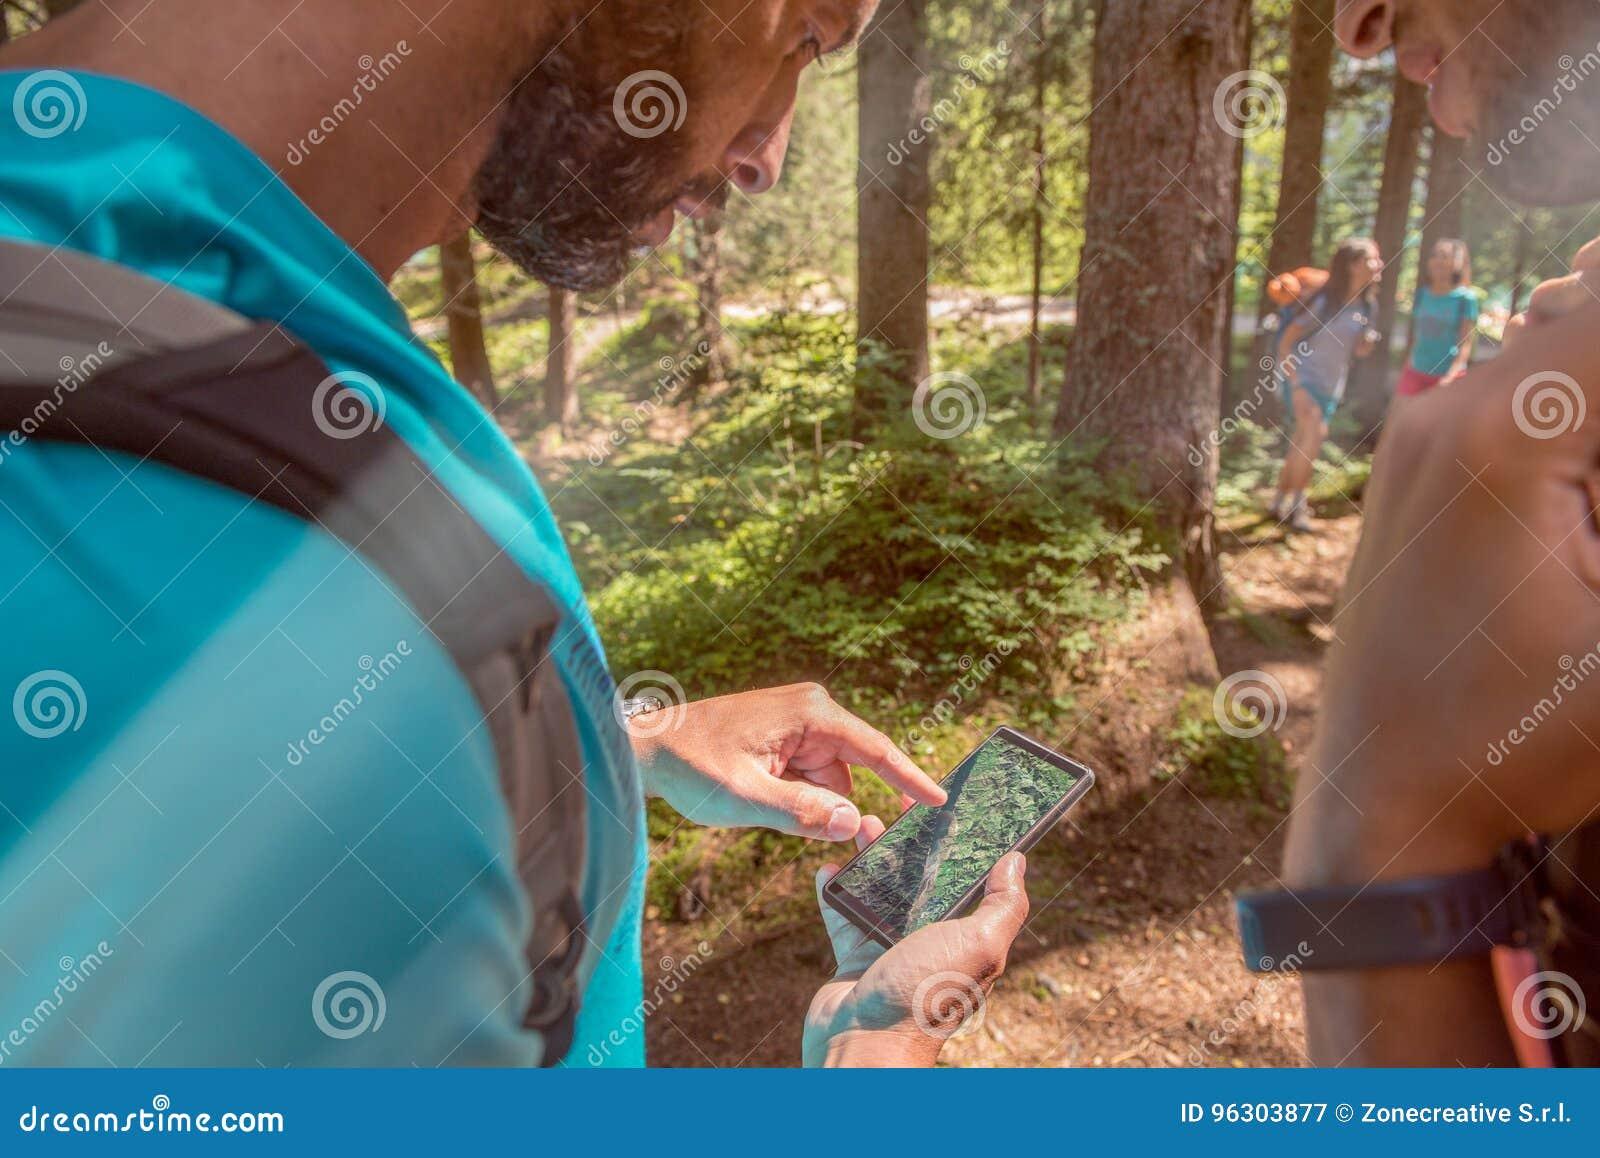 Equipe a verificação de gps do smartphone traçam no trajeto da fuga de caminhada na floresta w